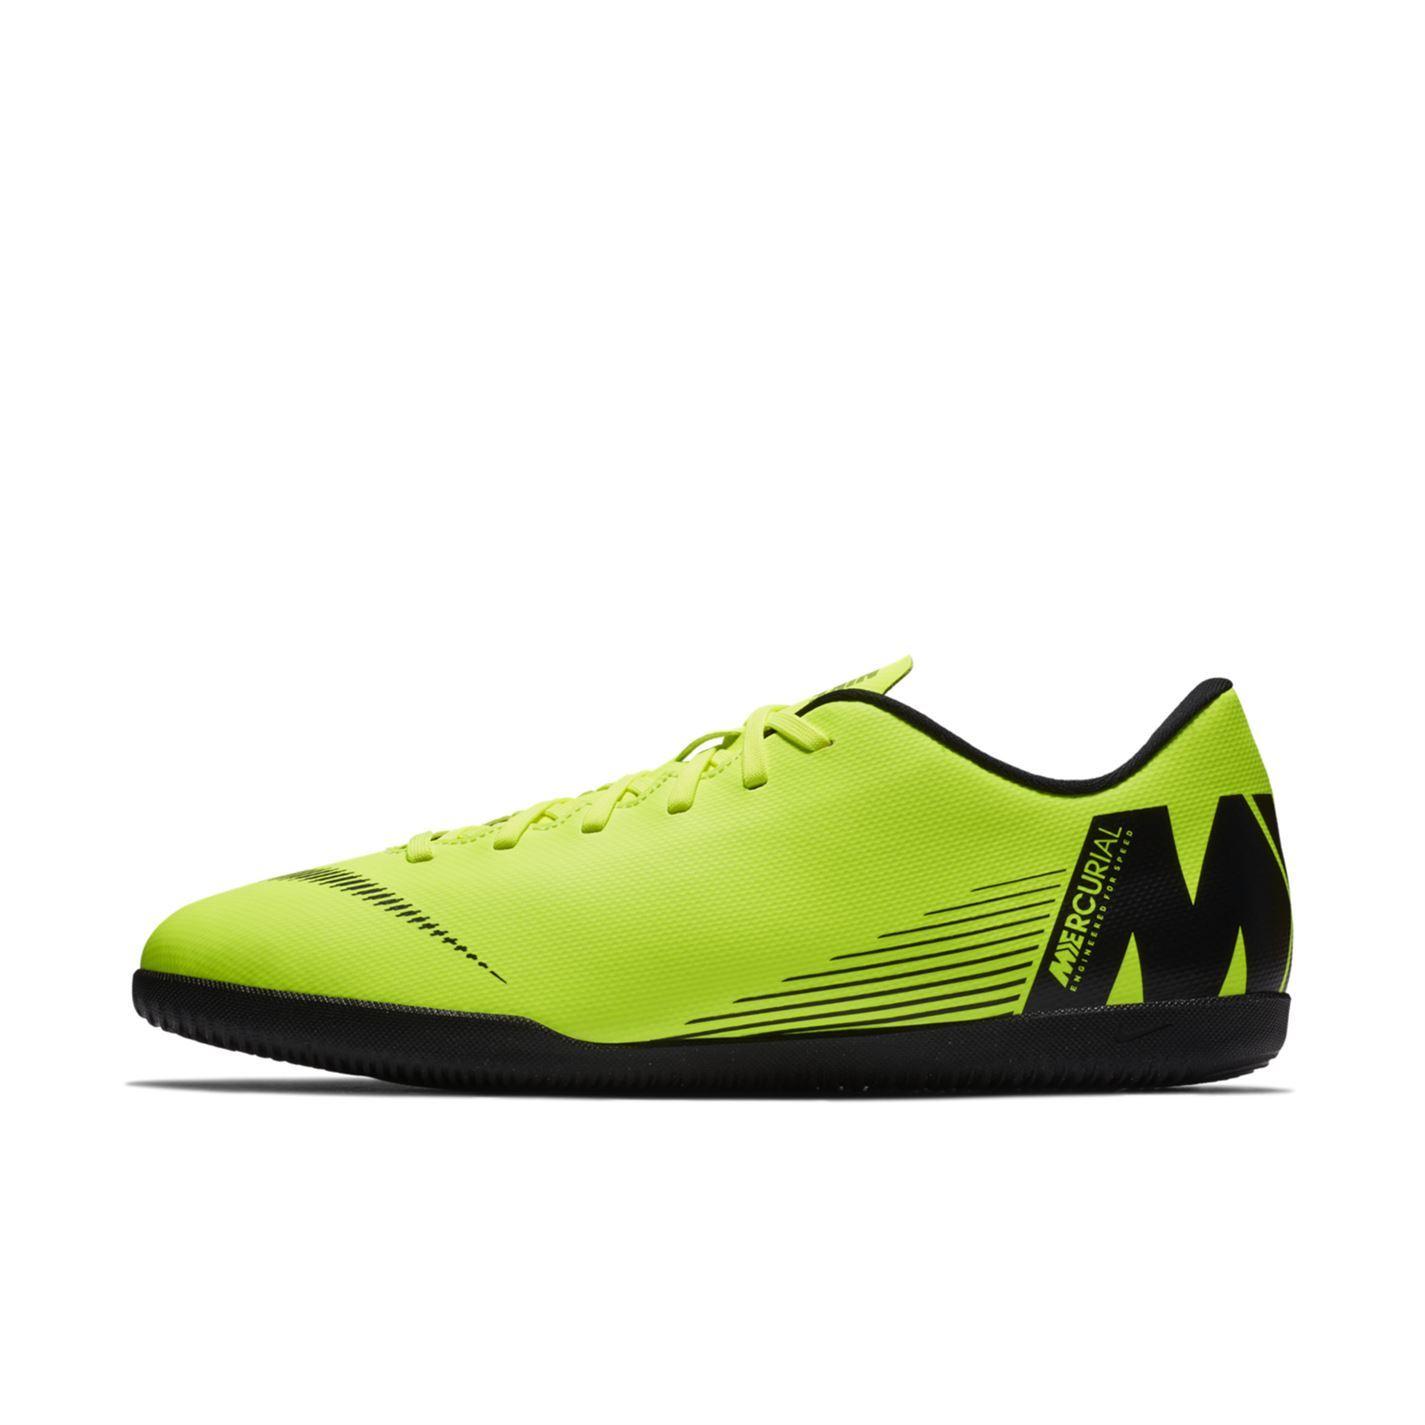 scarpe calcetto nike uomo